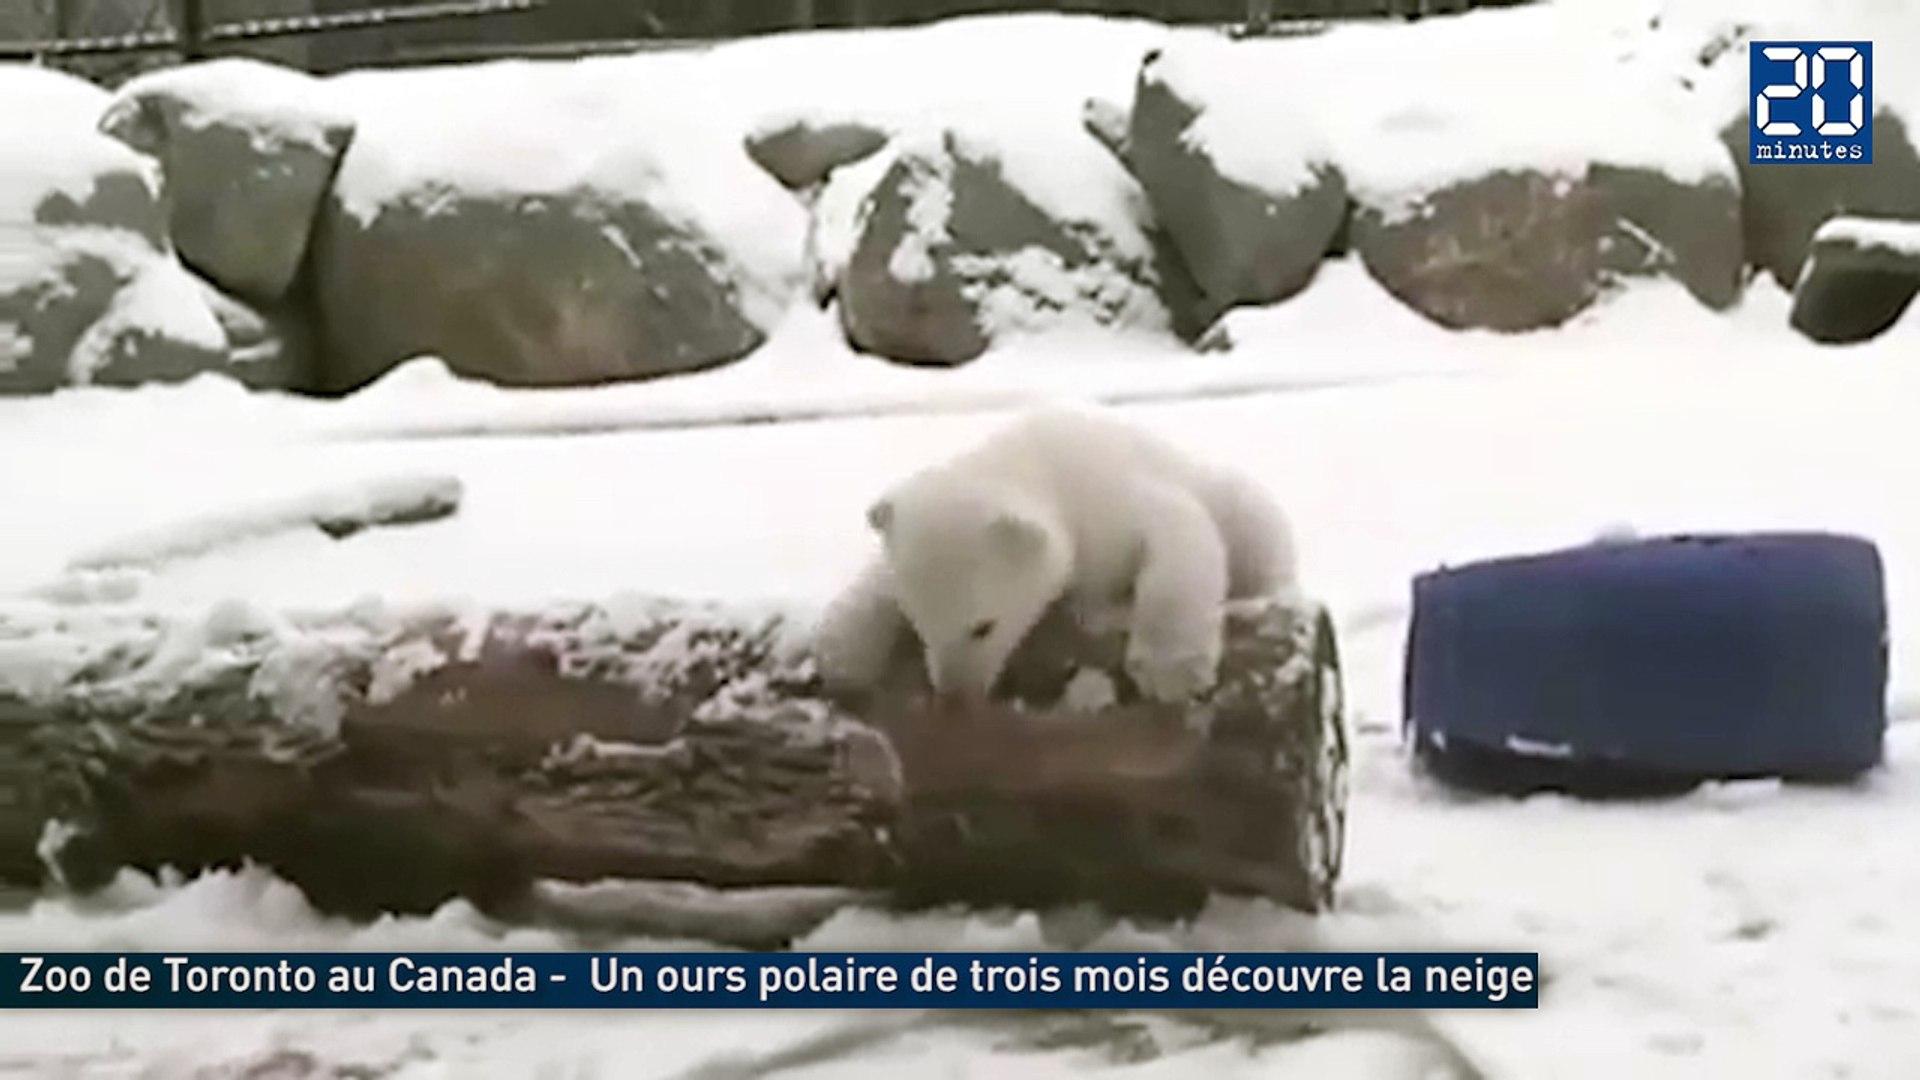 Un ourson polaire découvre la neige pour la première fois